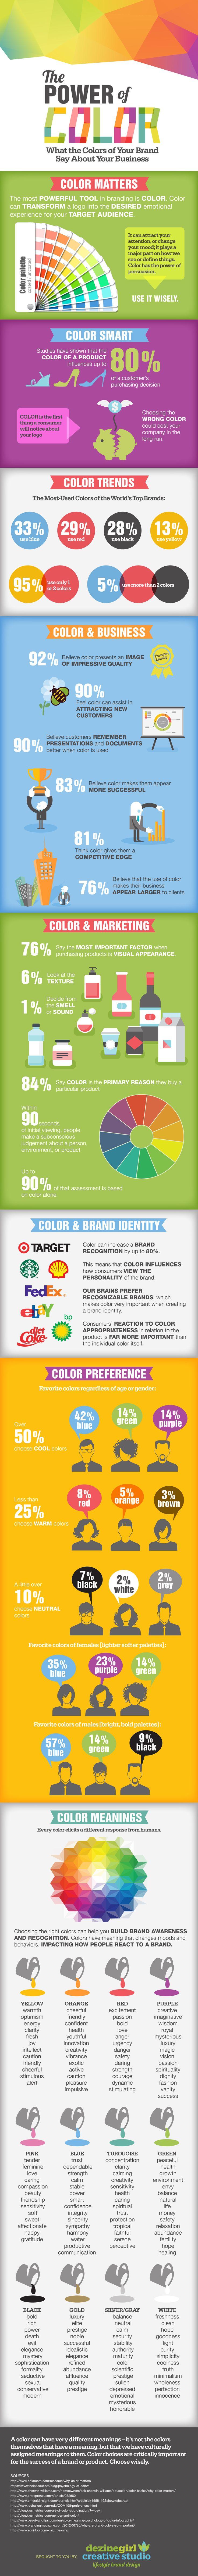 Farben haben einen entscheidenden Einfluss darauf, wie wir bestimmte Dinge wahrnehmen. Das gilt nicht nur für Alltägliches, sondern natürlich auch für Marken...